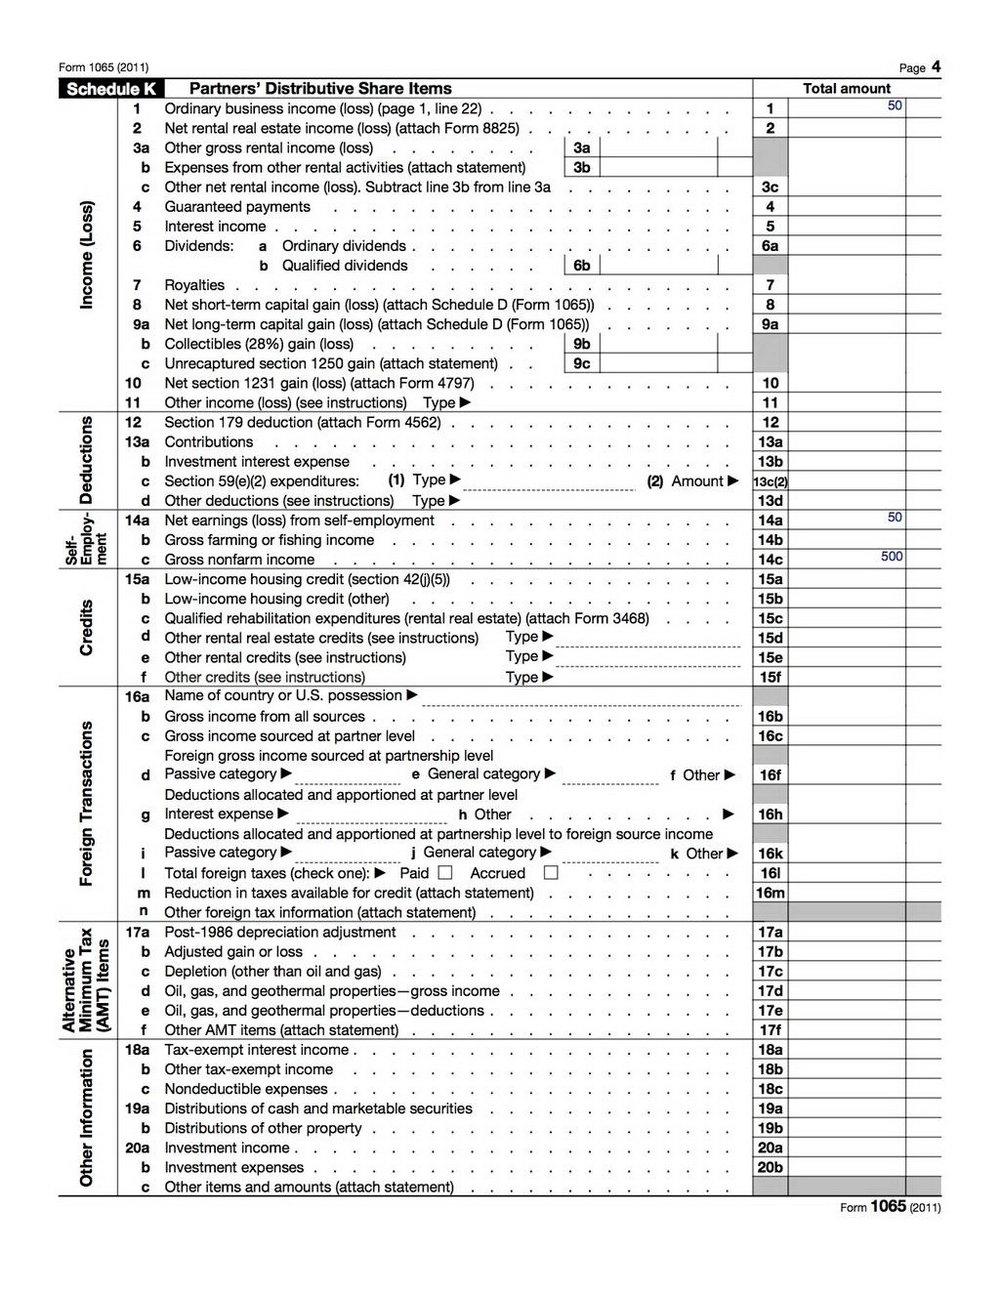 Form 1065 Online Filing